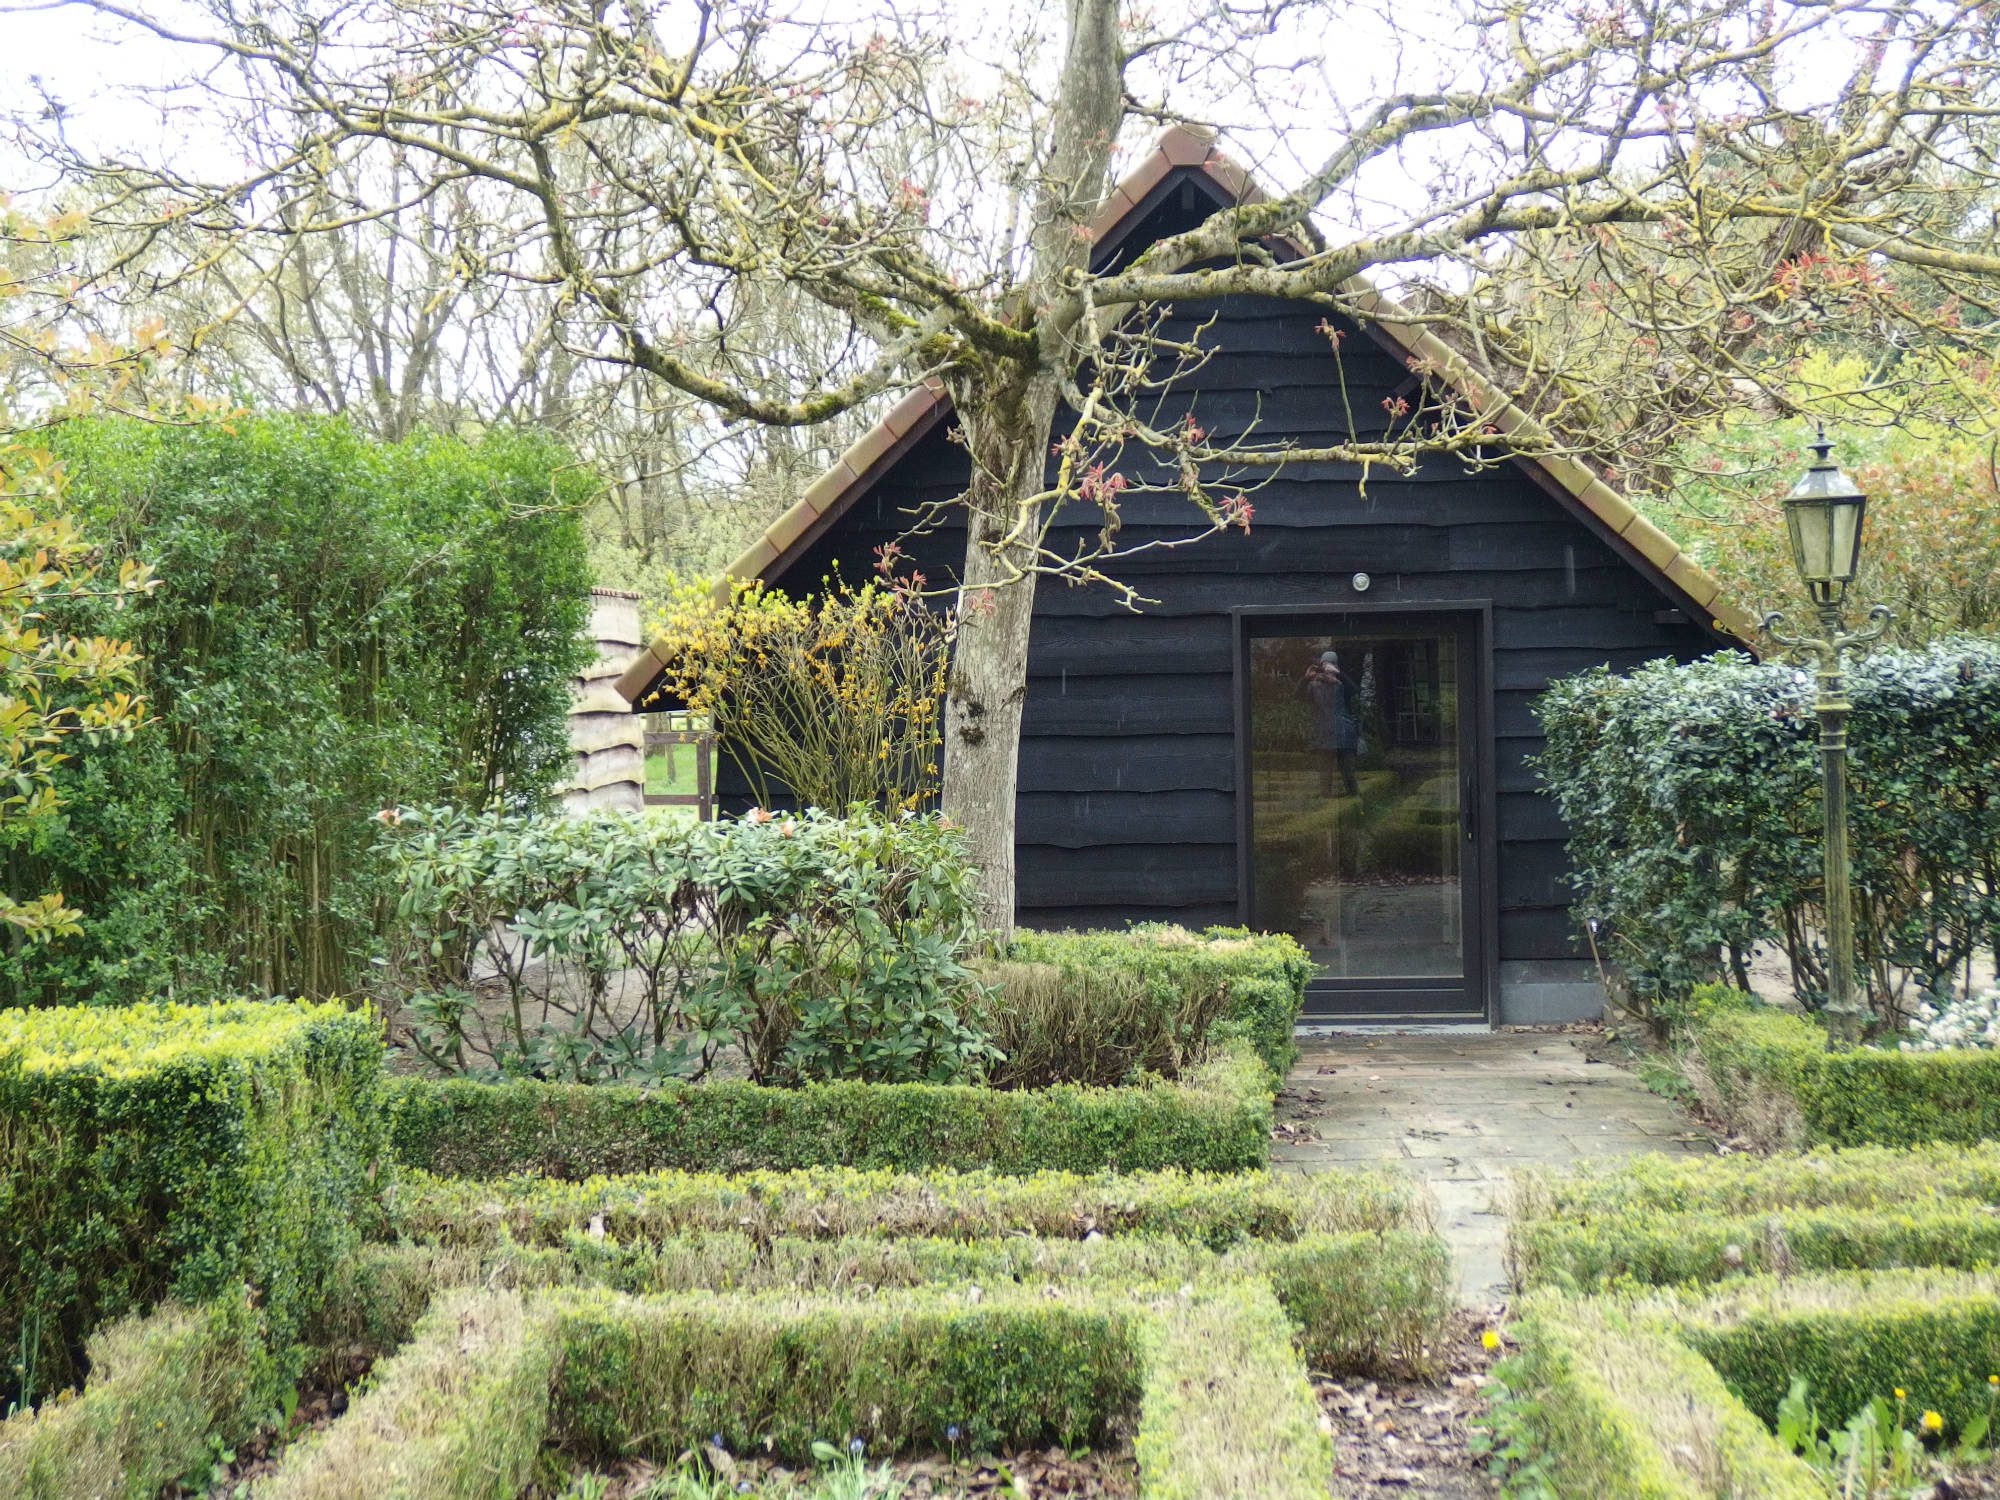 brasschaat cabane ariane delacre architecte. Black Bedroom Furniture Sets. Home Design Ideas